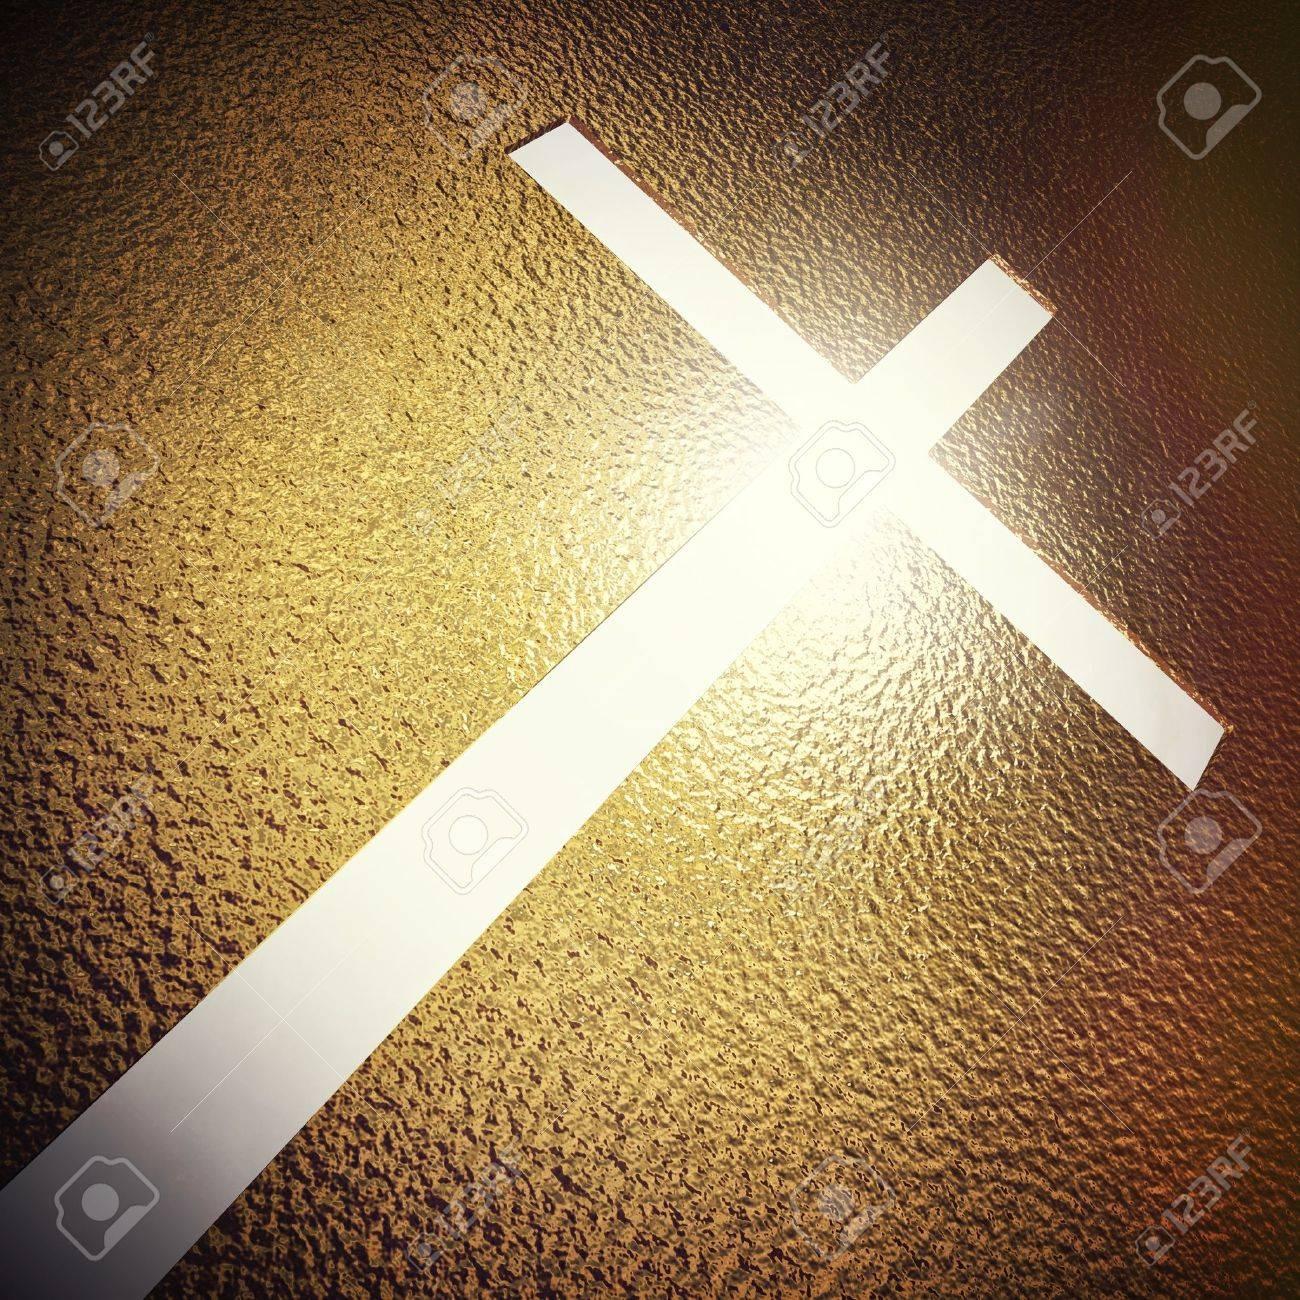 3d image og golden cross Stock Photo - 12381334